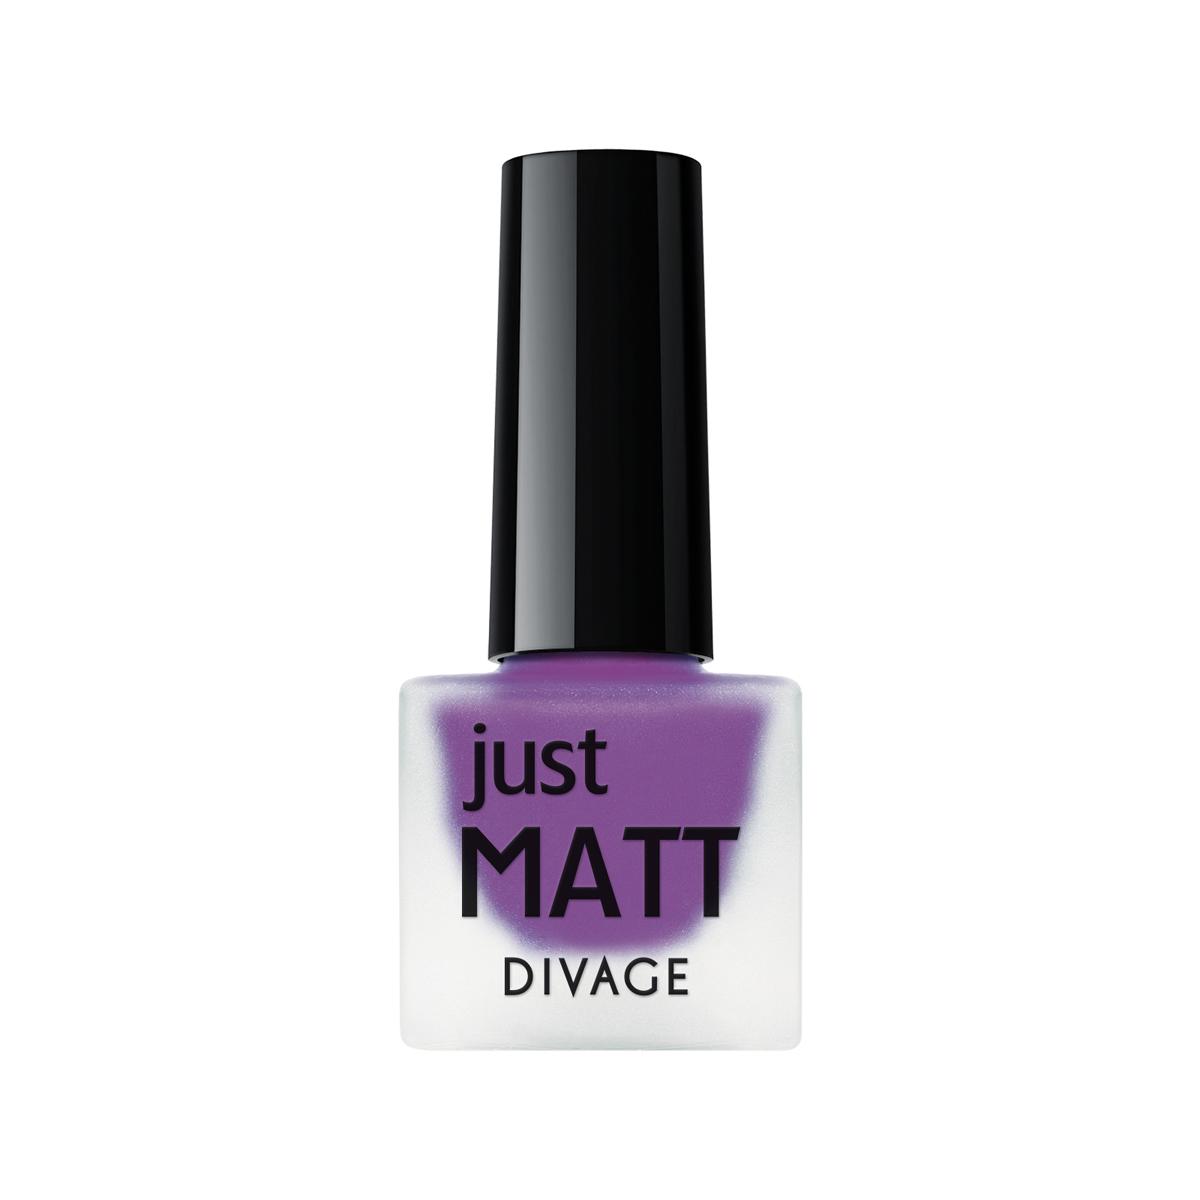 DIVAGE Лак для ногтей JUST MATT, тон № 5617, 7 мл215663Лак для ногтей Divage Just Matt с матовым эффектом имеет легкую бархатистую текстуру (Soft Touch) и удобный мини формат упаковки. Наносится идеально ровно, визуально сглаживая неровности ногтевой пластины.